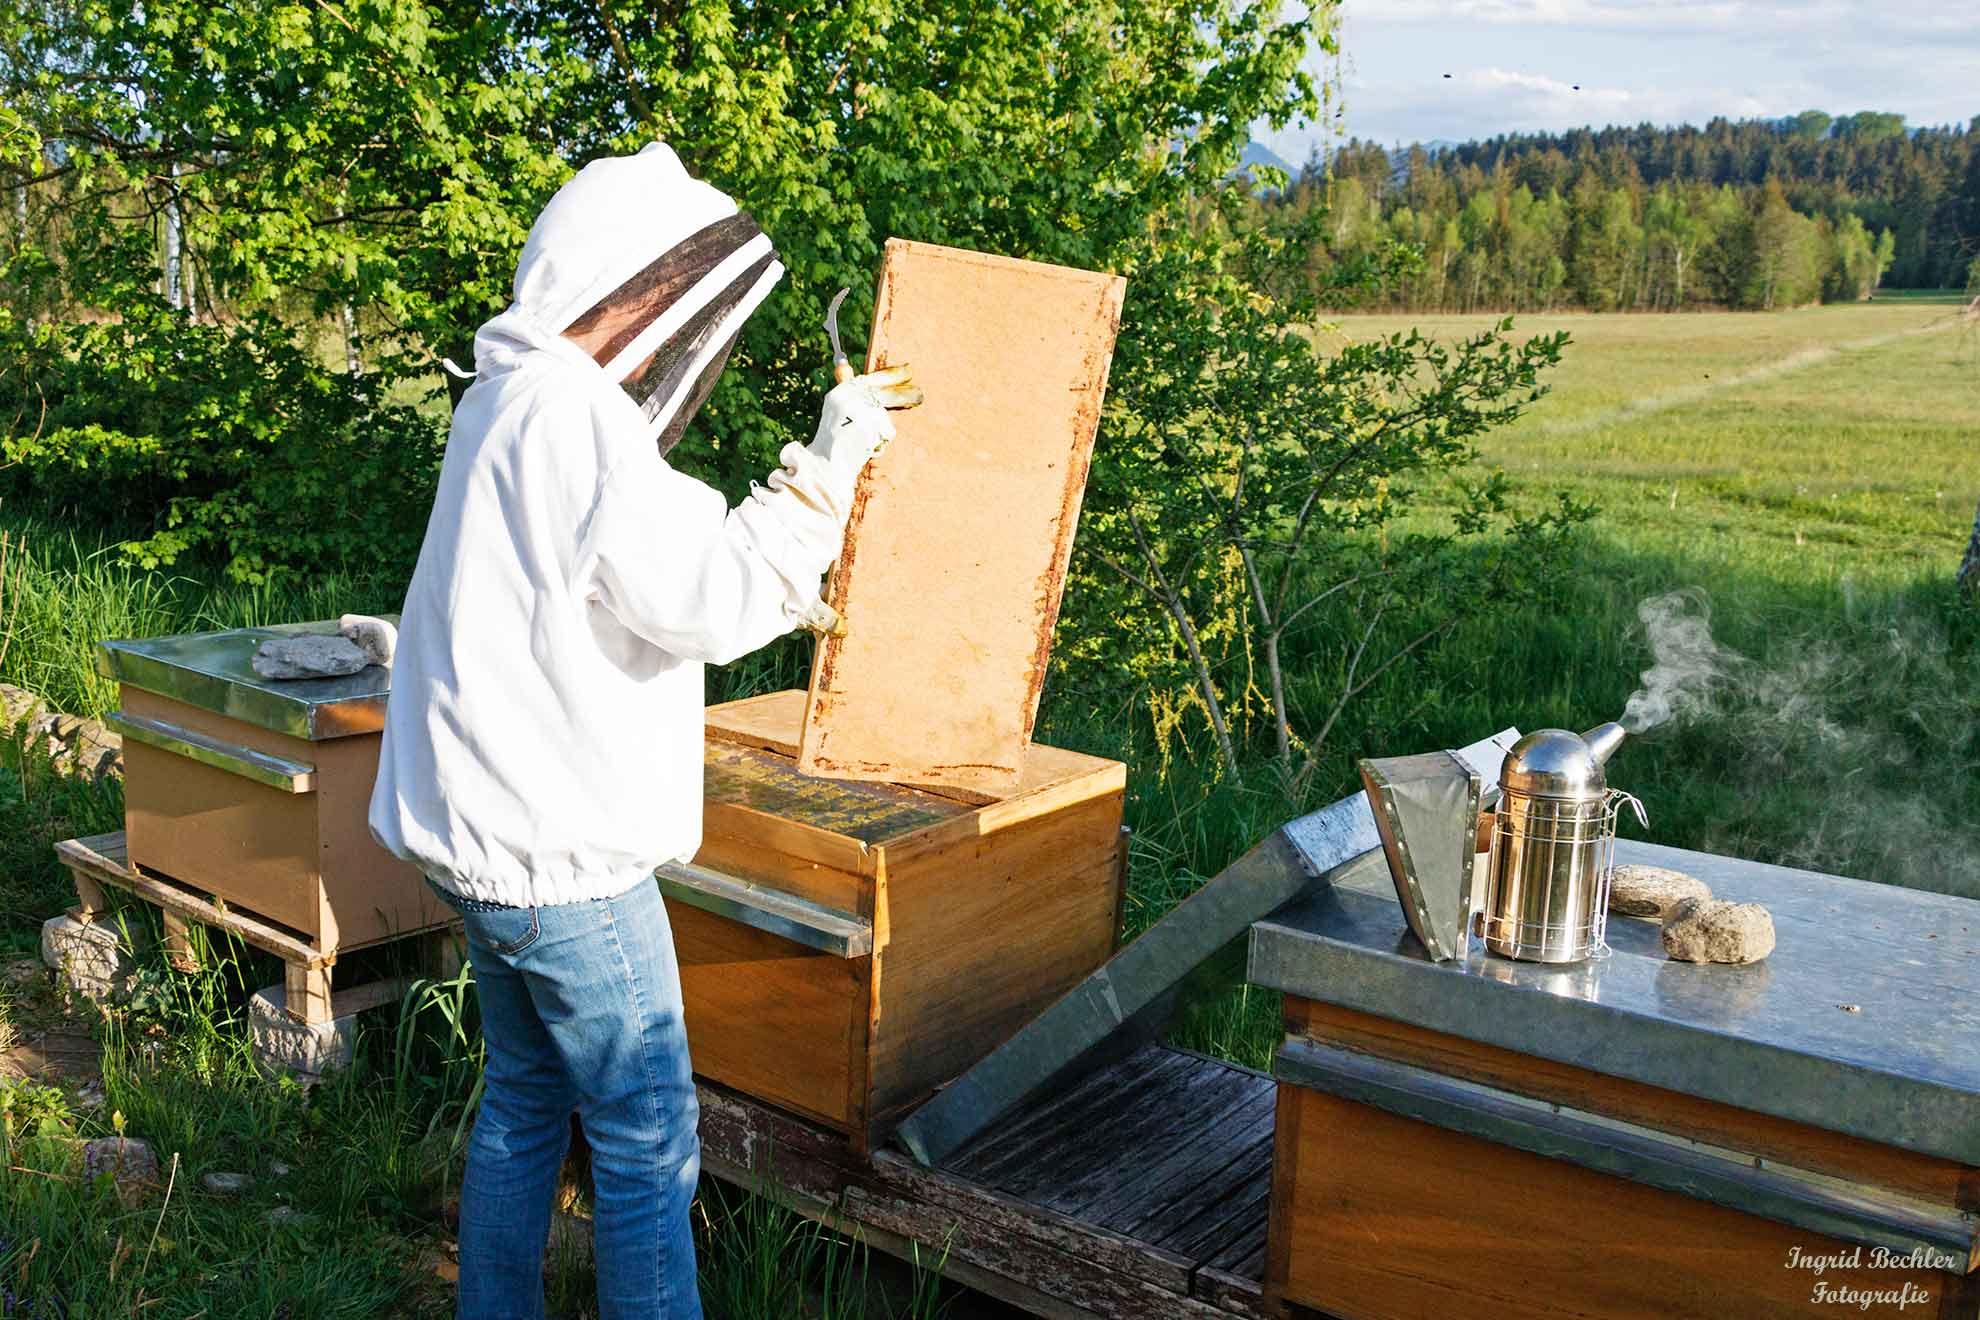 Eine Imkerin untersucht die Magazinbeute, also die Behausung des Bienenstocks (Foto: Ingrid Bechler)